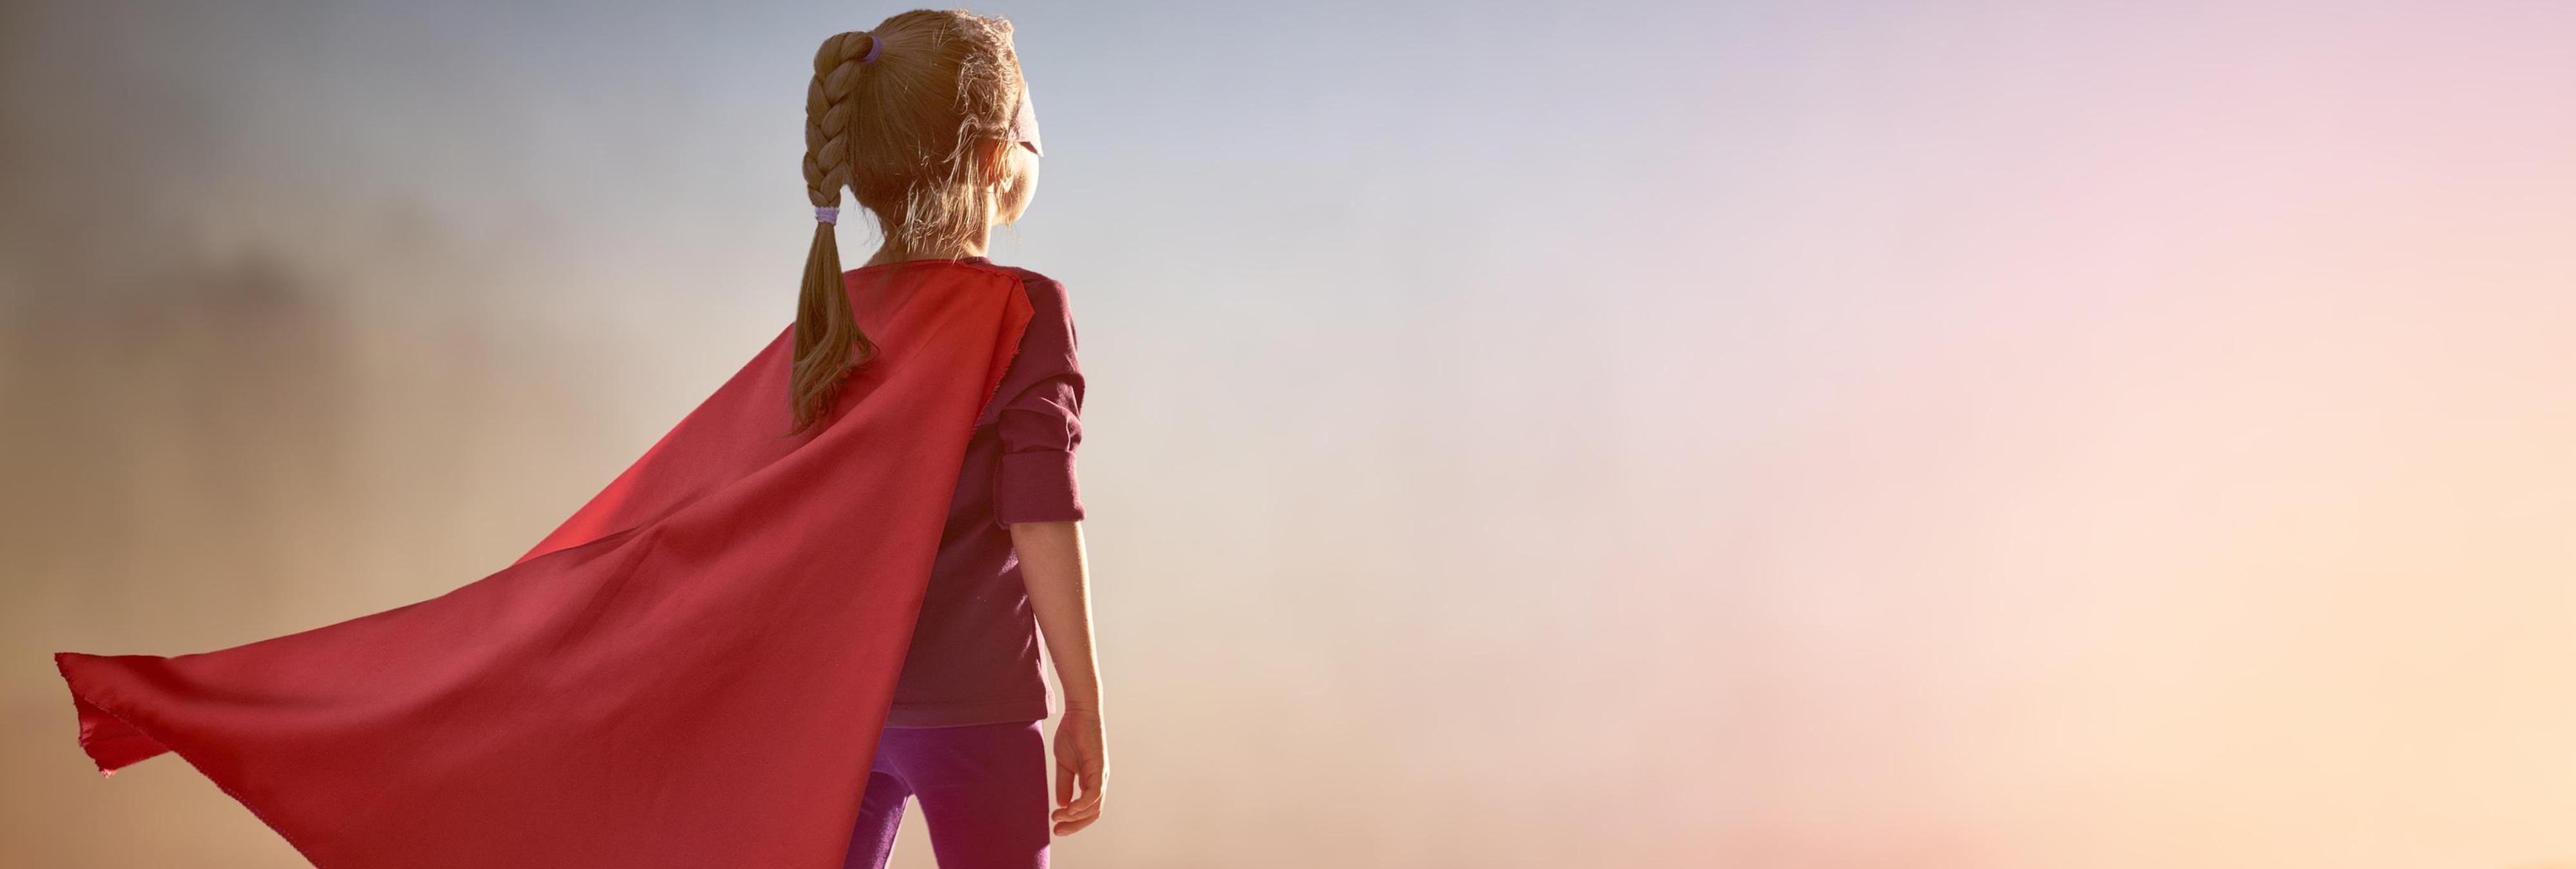 Un estudio afirma que España es el país menos machista y en el que las mujeres están más discriminadas